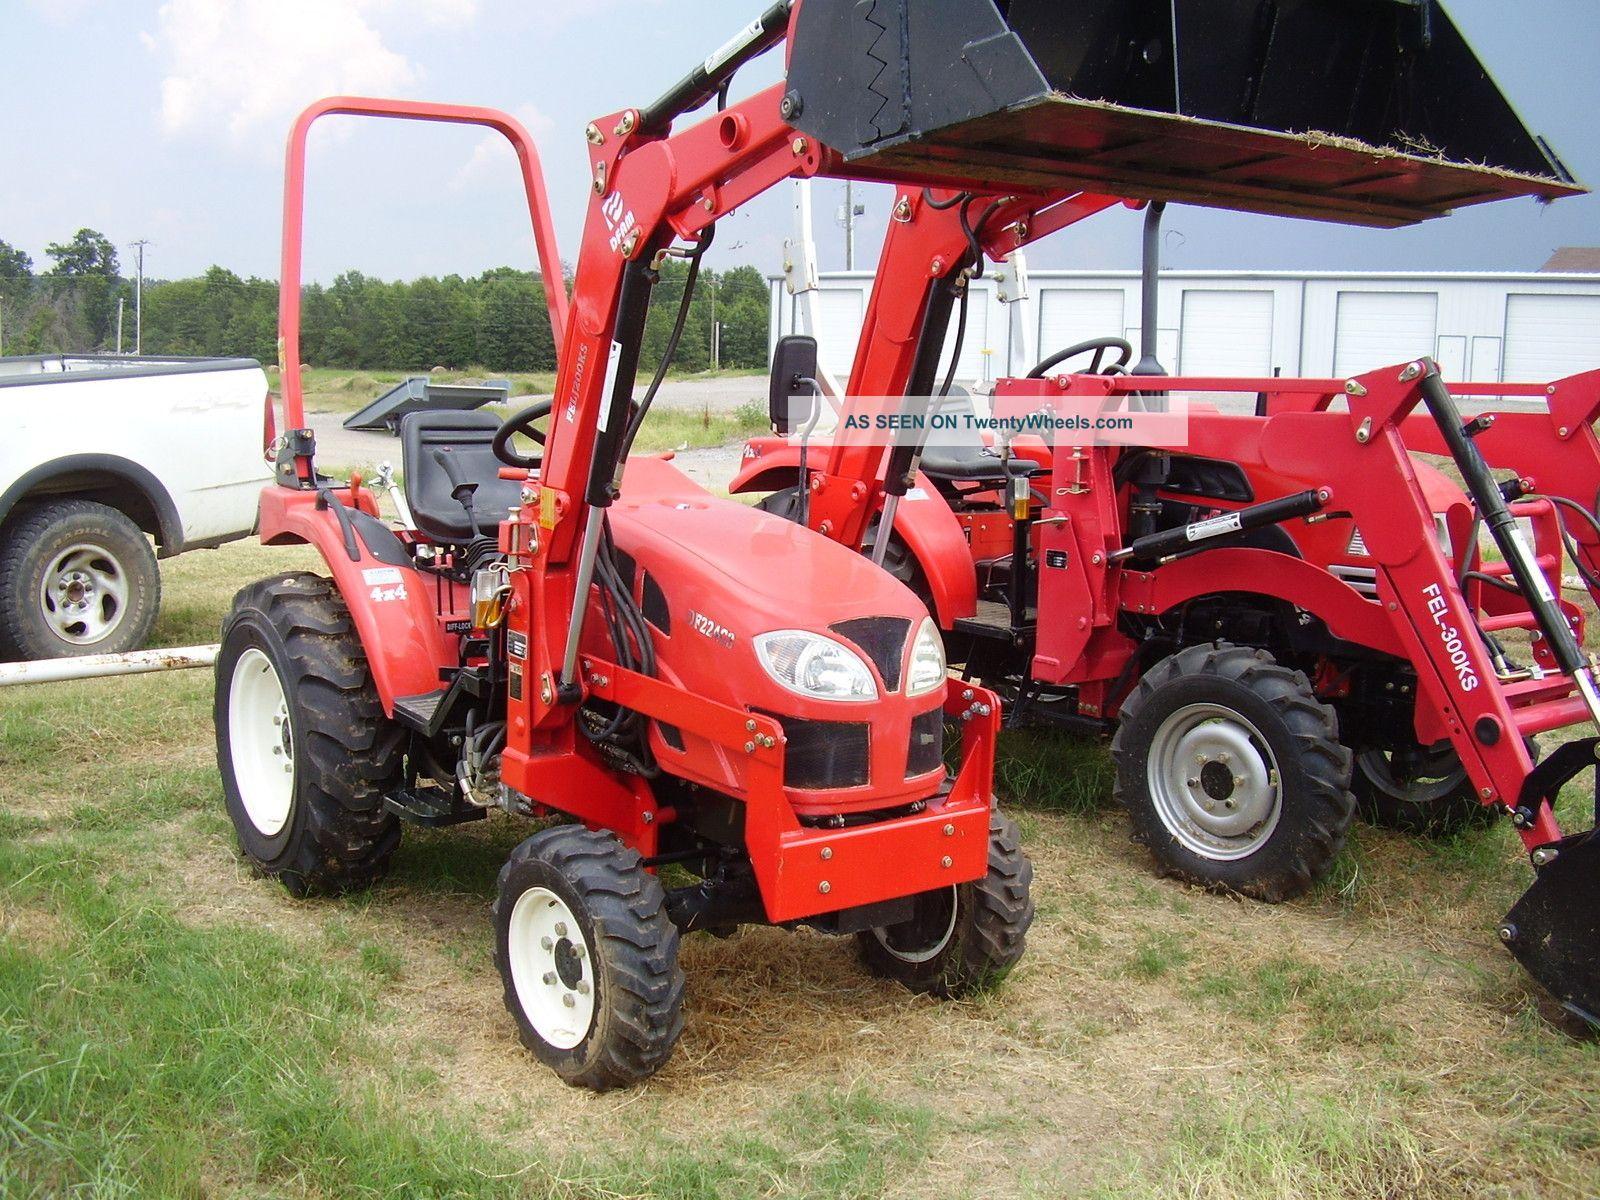 Garden Tractor Bucket : Hp wd diesel garden tractor with loader n bucket